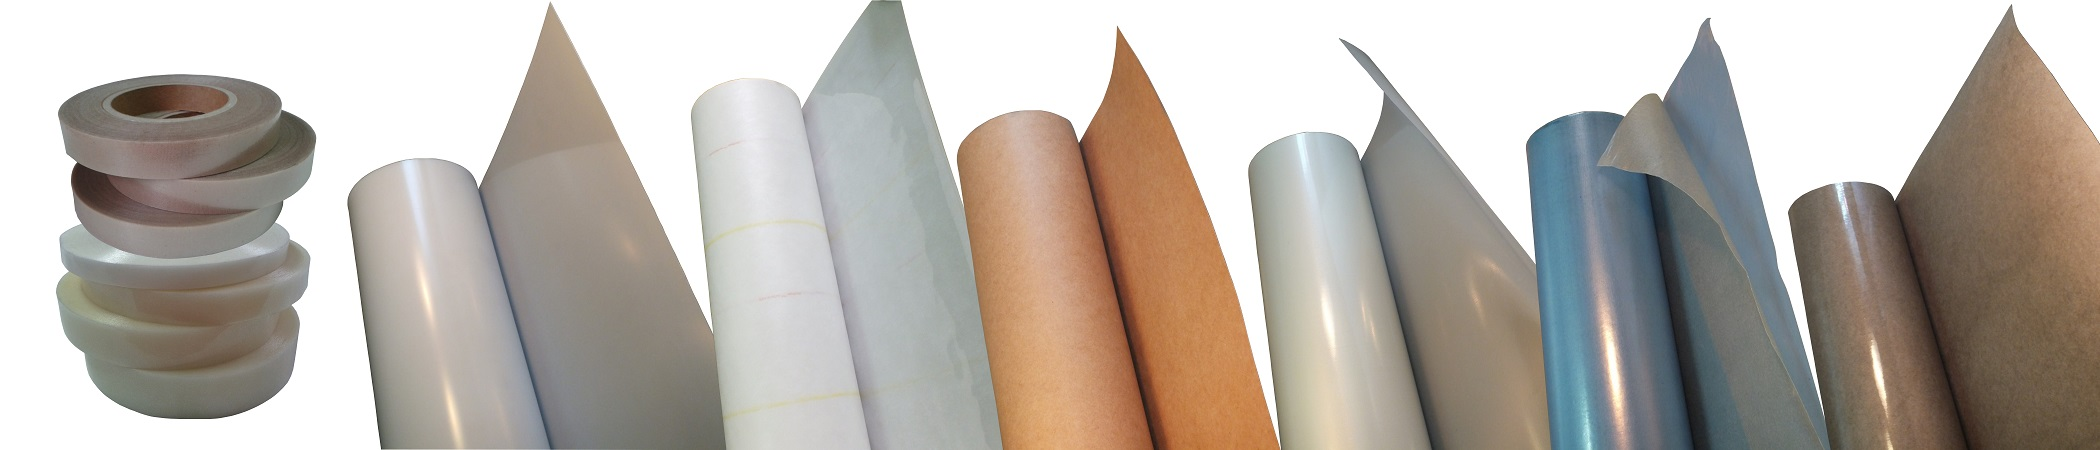 Materiały elektroizolacyjne, tereszpan, preszpan, folia, nen, szkłoflex, taśma klejąca terdur, papier elektroizolacyjny, folia elektroizolacyjna